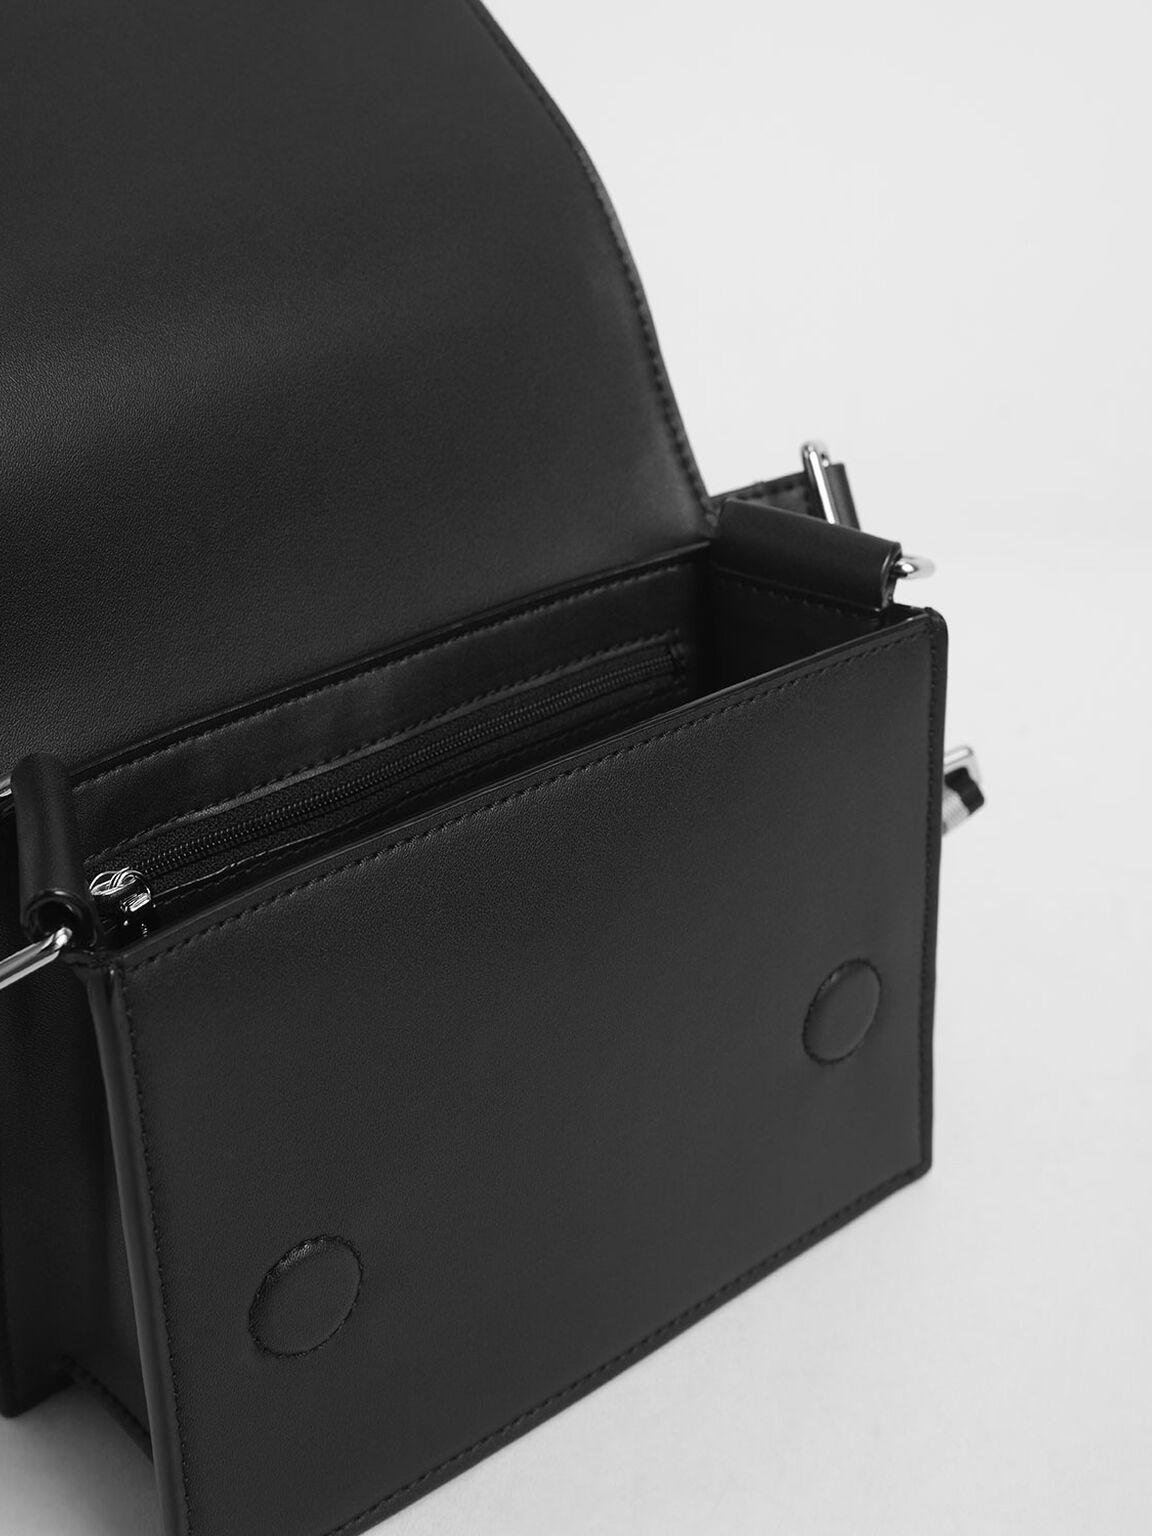 Striped Top Handle Crossbody Bag, Black, hi-res